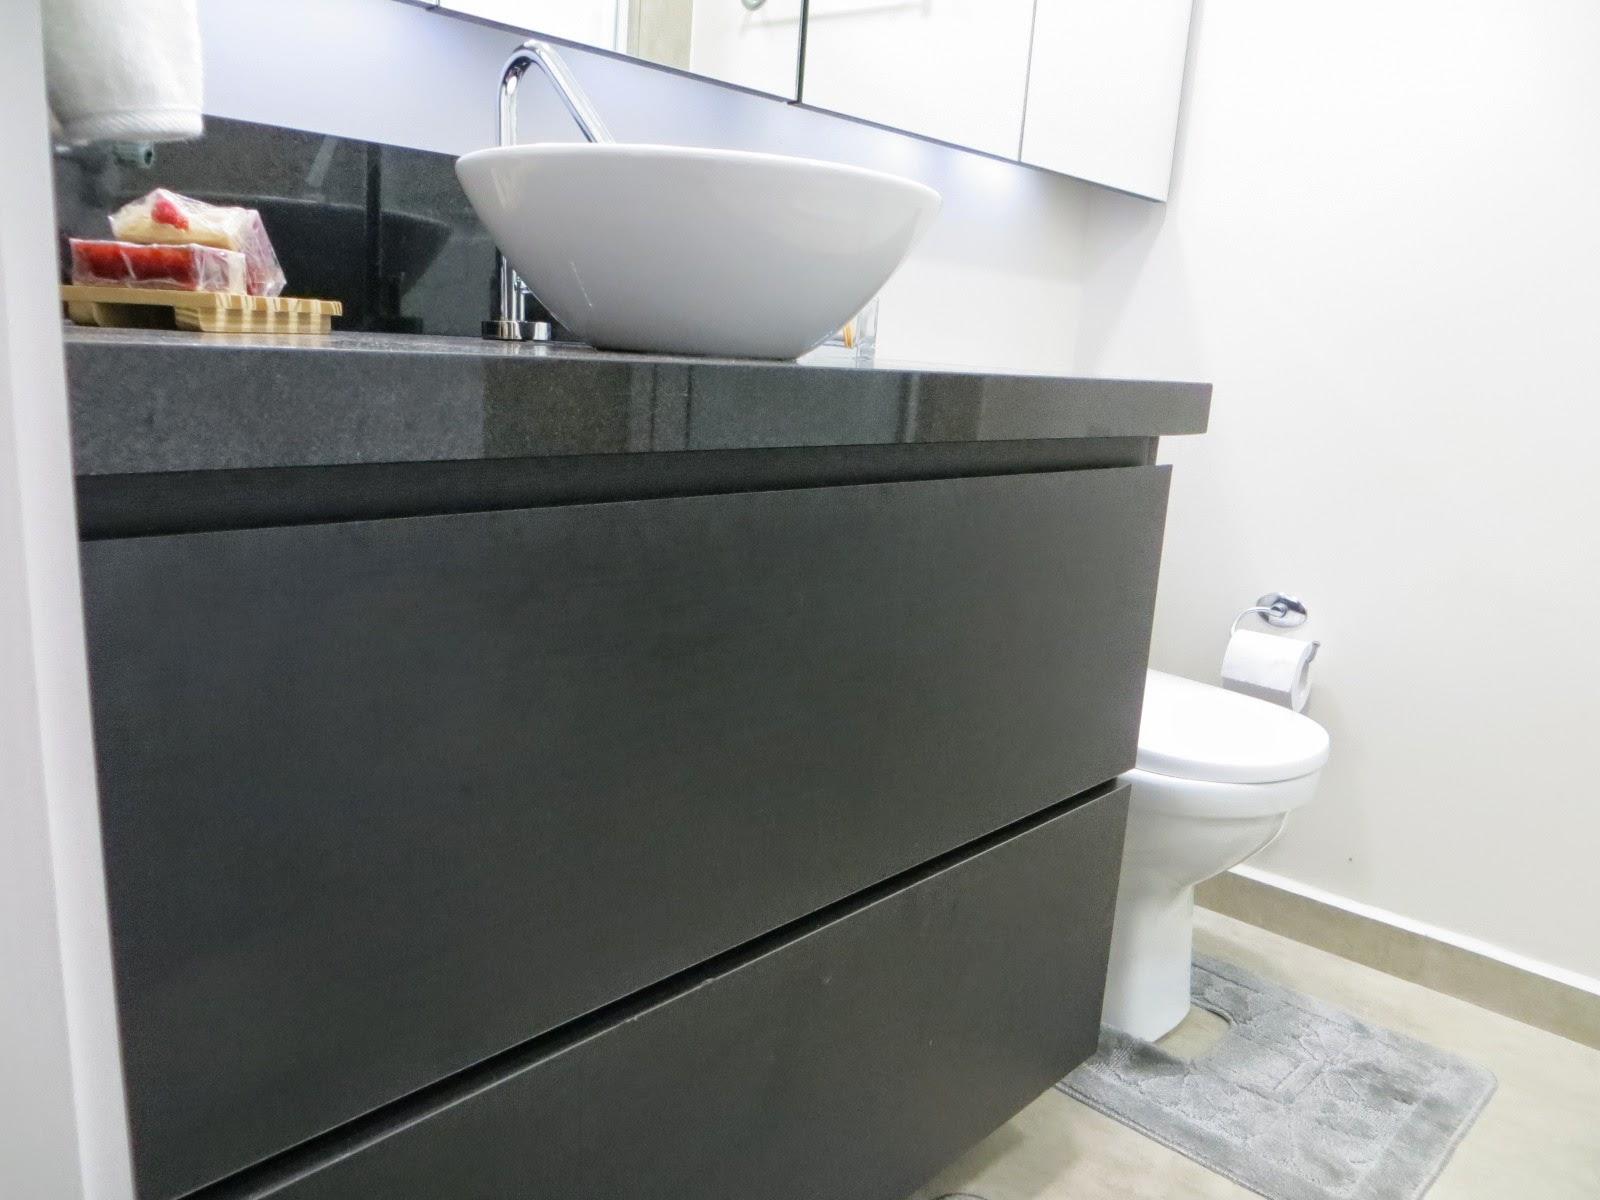 Banheiro com armário superior em espelho e armário inferior com uma  #7C664F 1600x1200 Armario Banheiro Superior